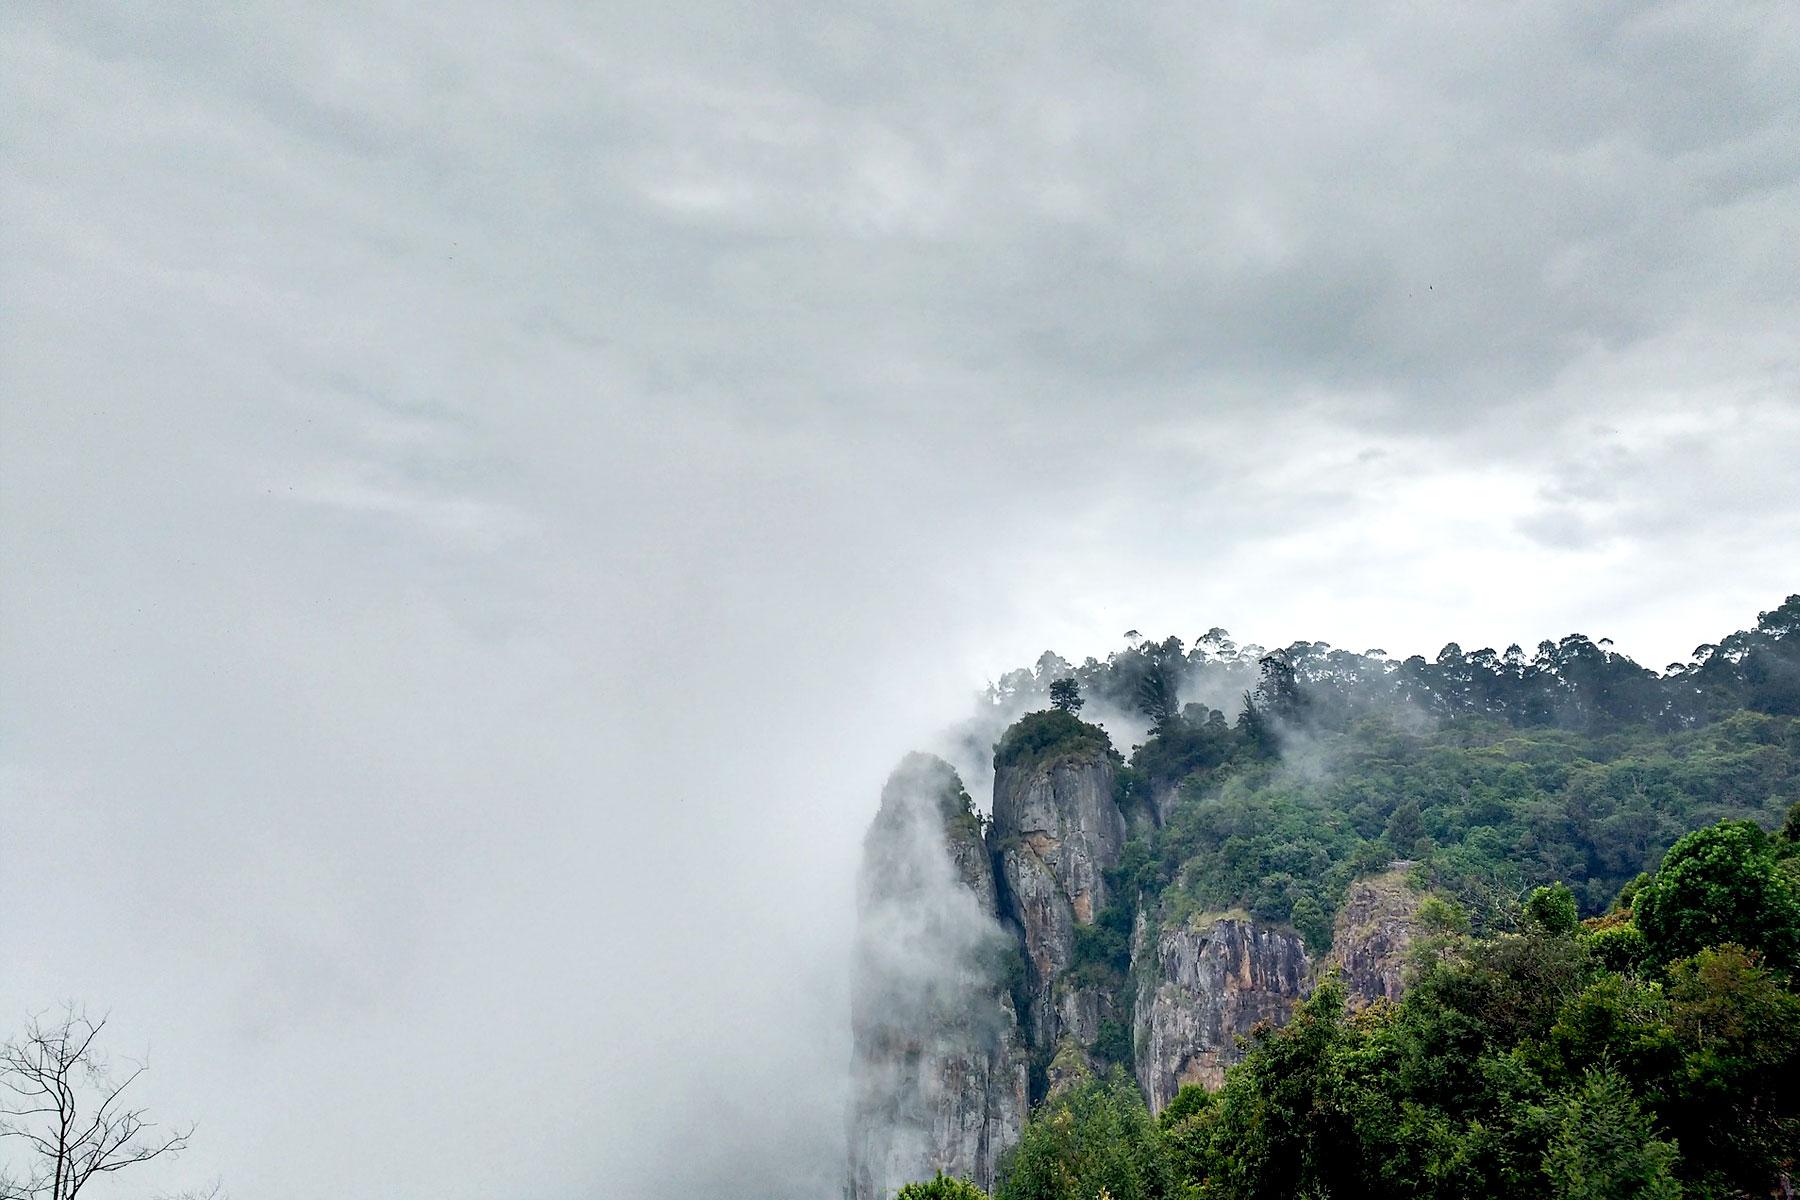 Chill trip from Bangalore to Kodaikanal